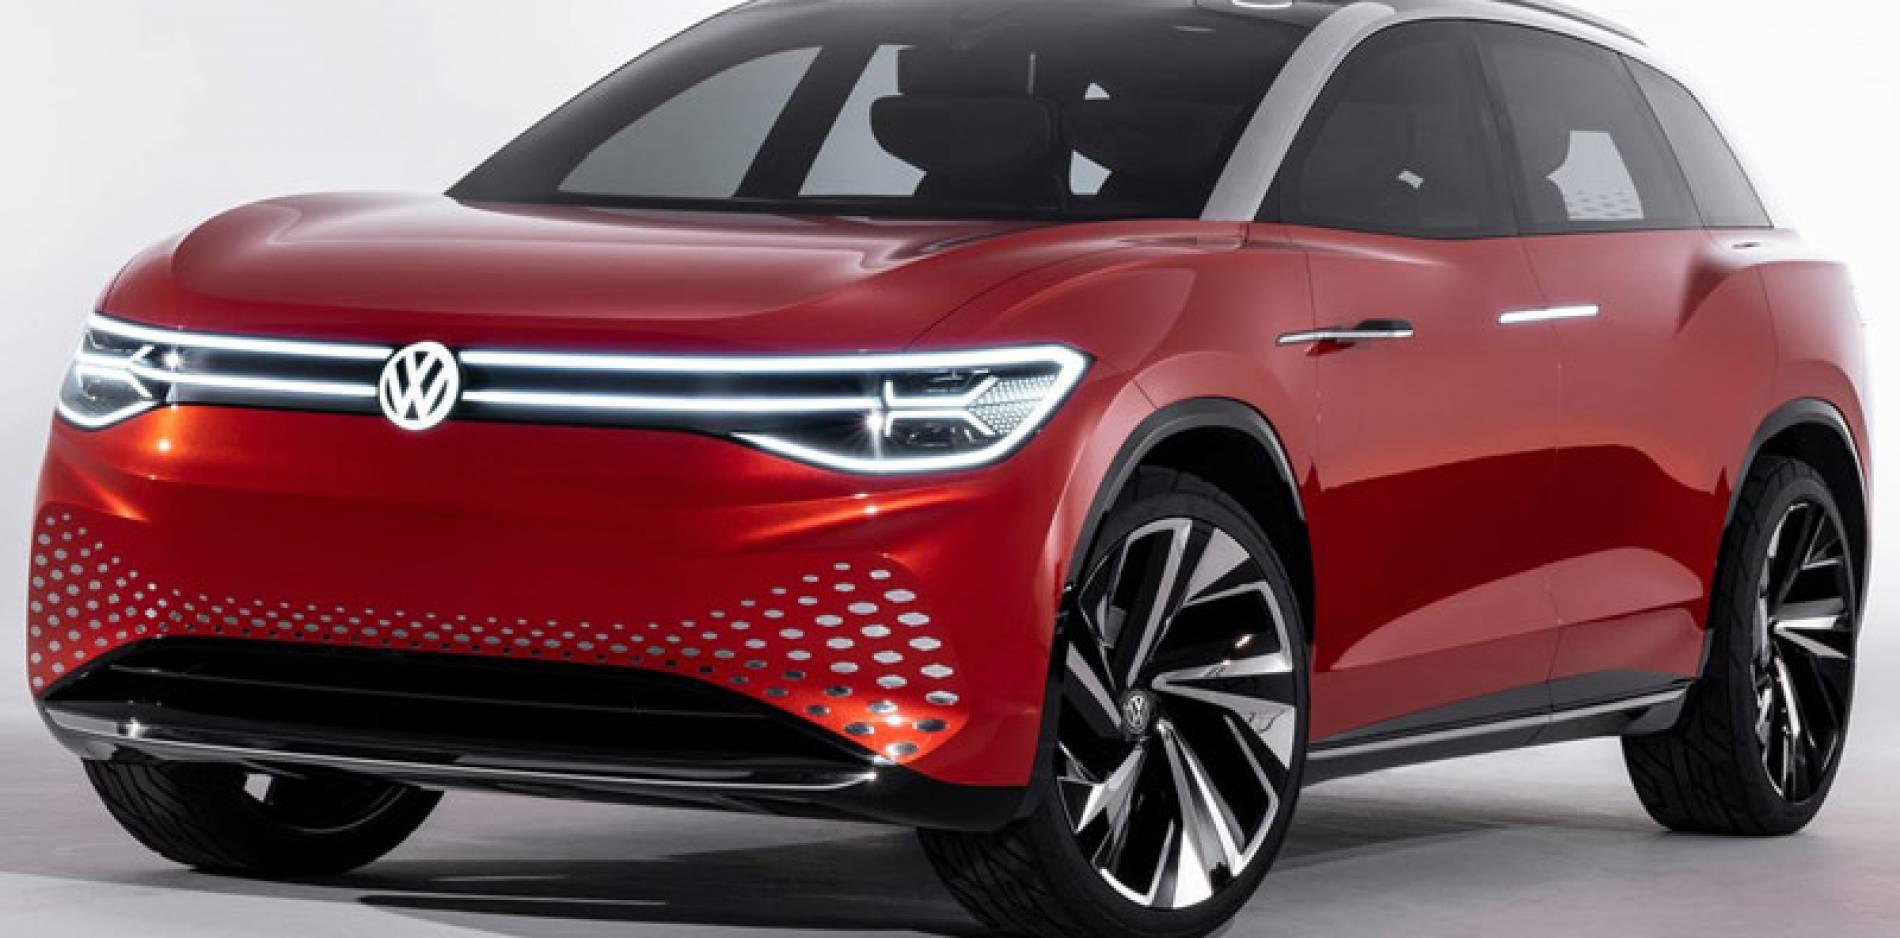 Volkswagen ID Roomzz, un SUV de siete plazas para la nueva familia de eléctricos de VW